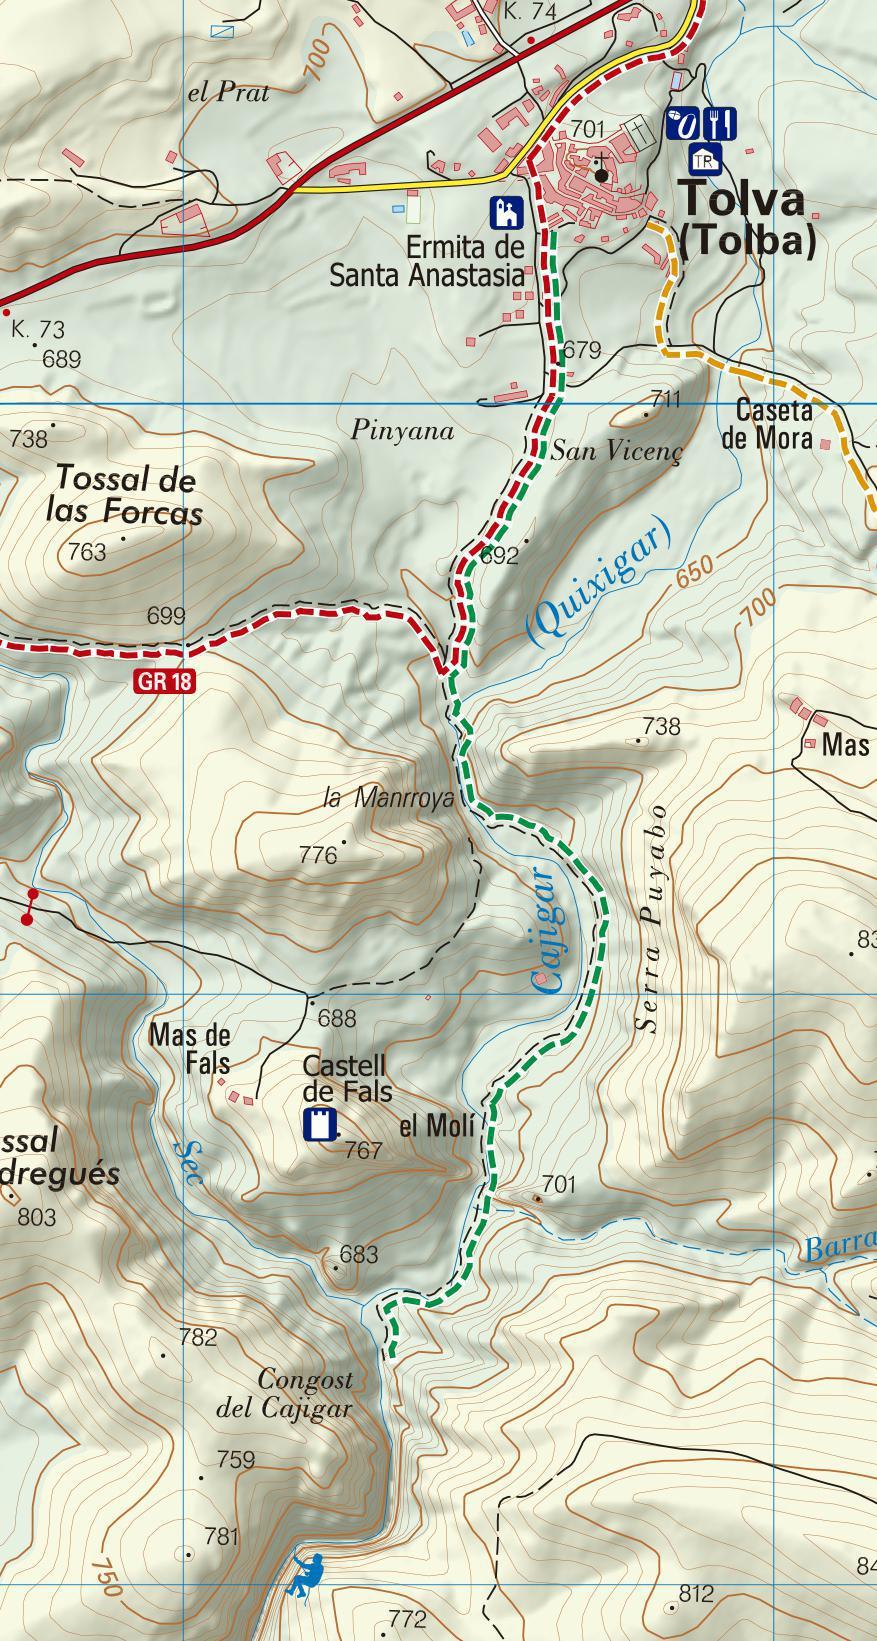 Ruta al Congost del Cajigar